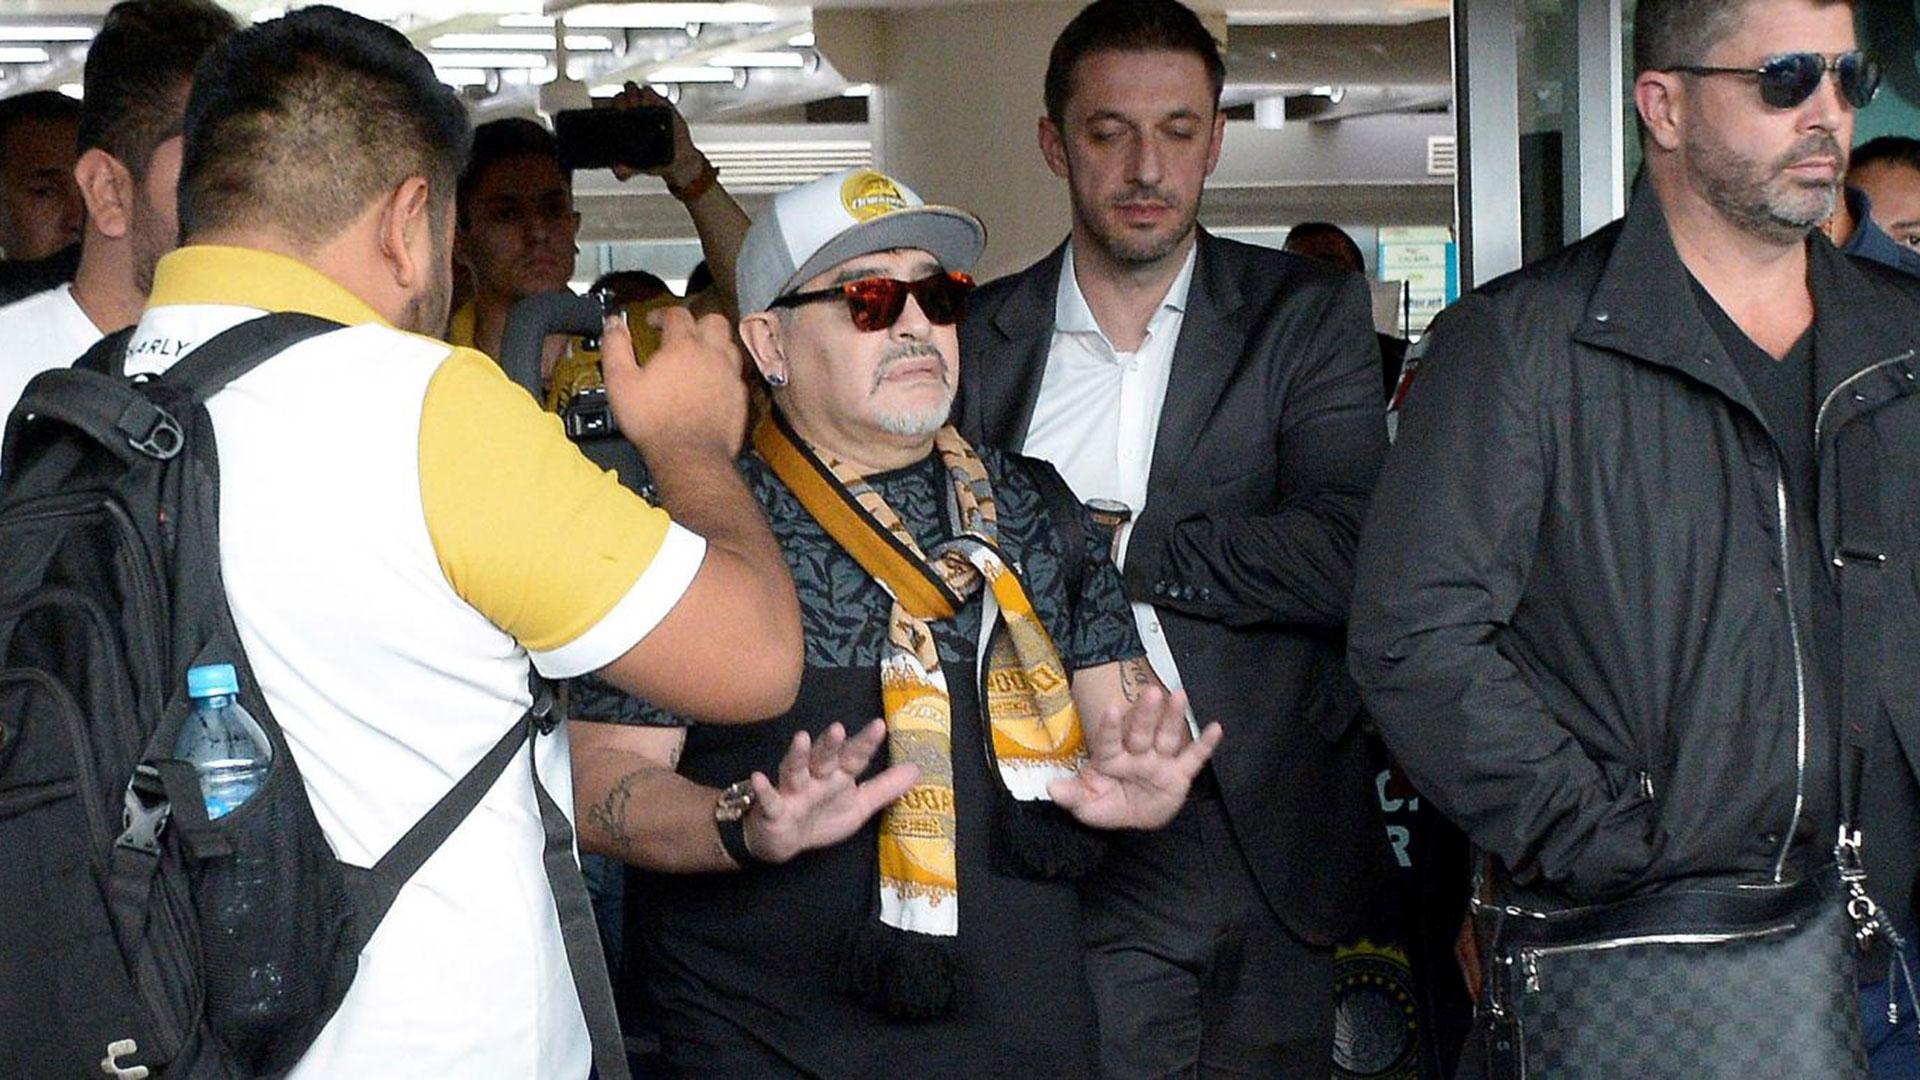 """""""Ni blanco, ni negro: dorado"""", lanzó Maradona a su llegada al aeropuerto de Sinaloa, México, en una entrevista con ESPN ante cientos de fanáticos que fueron a recibirlo (AFP). Sin dudas, la llegada de Maradona potenciará al club y al equipo"""